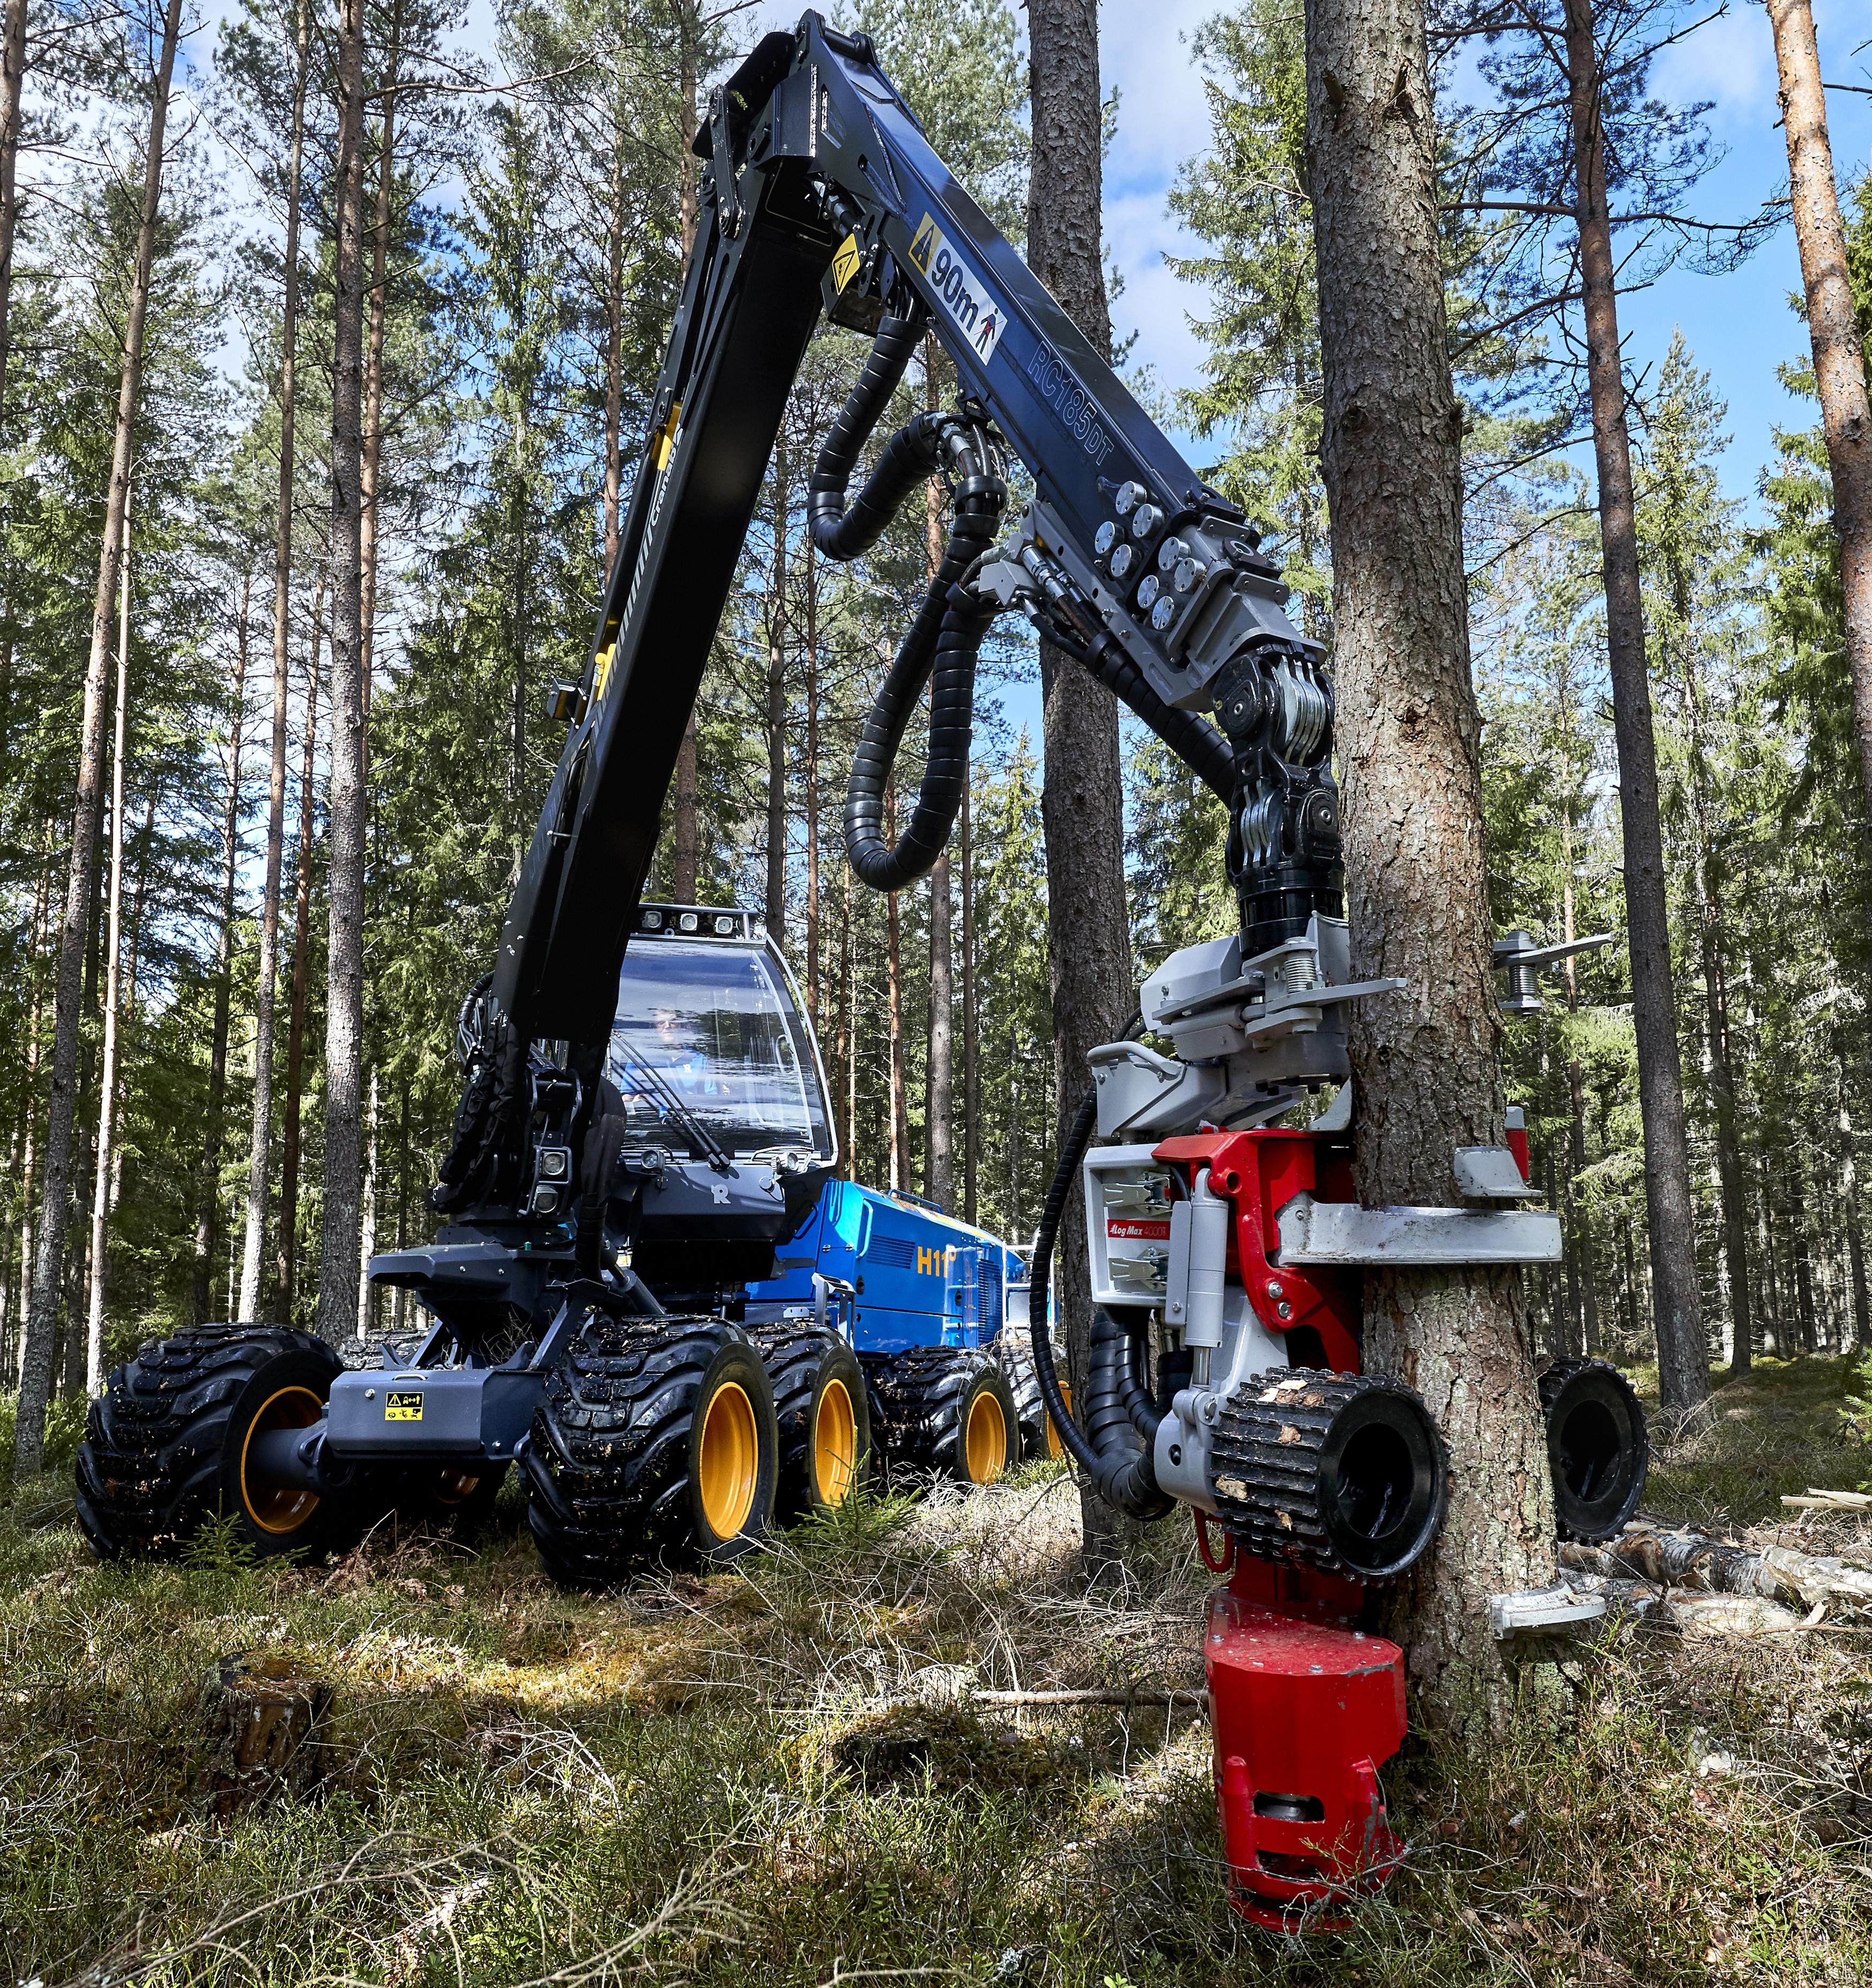 Картинка Форвардер Rottne F11D, Rottne H11D 8WD Леса Ствол дерева лес